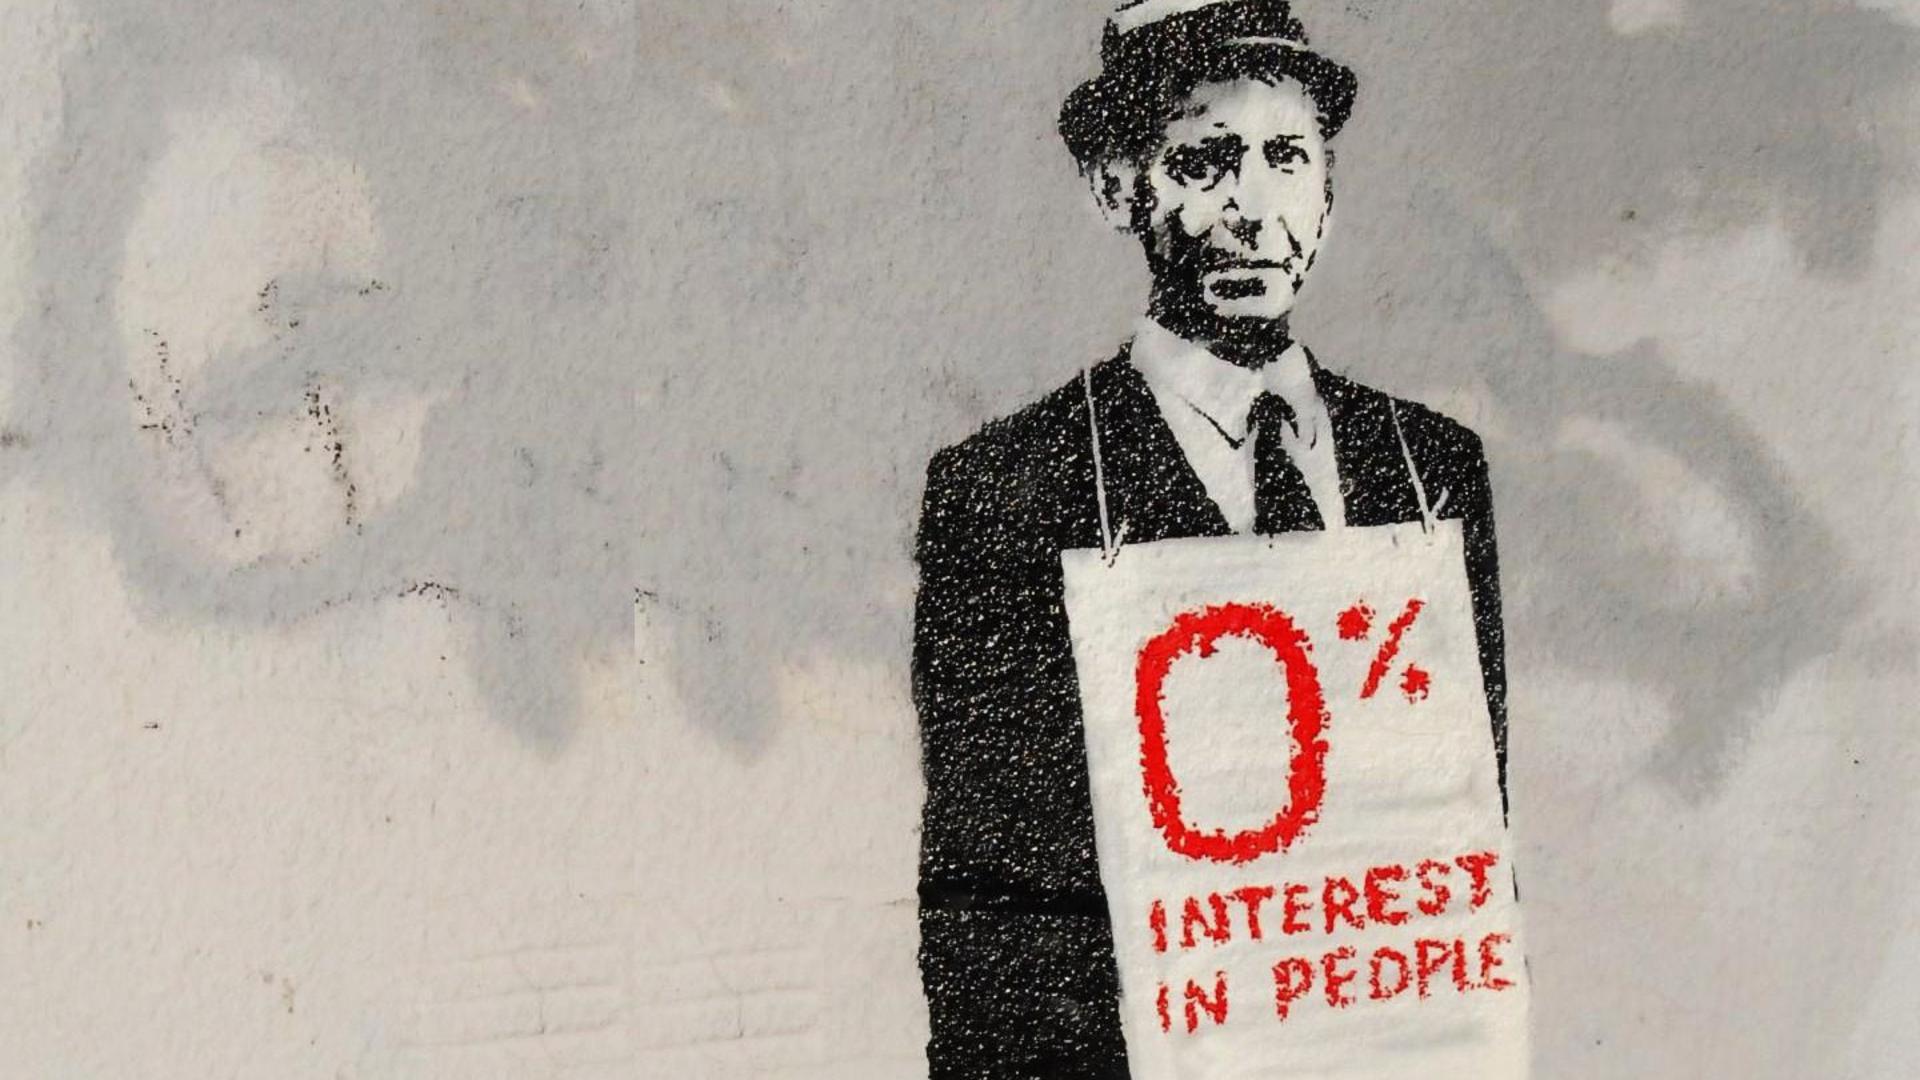 banksy mural wallpaper wall murals you ll love banksy wallpaper por buscando e comprando fornecedores de